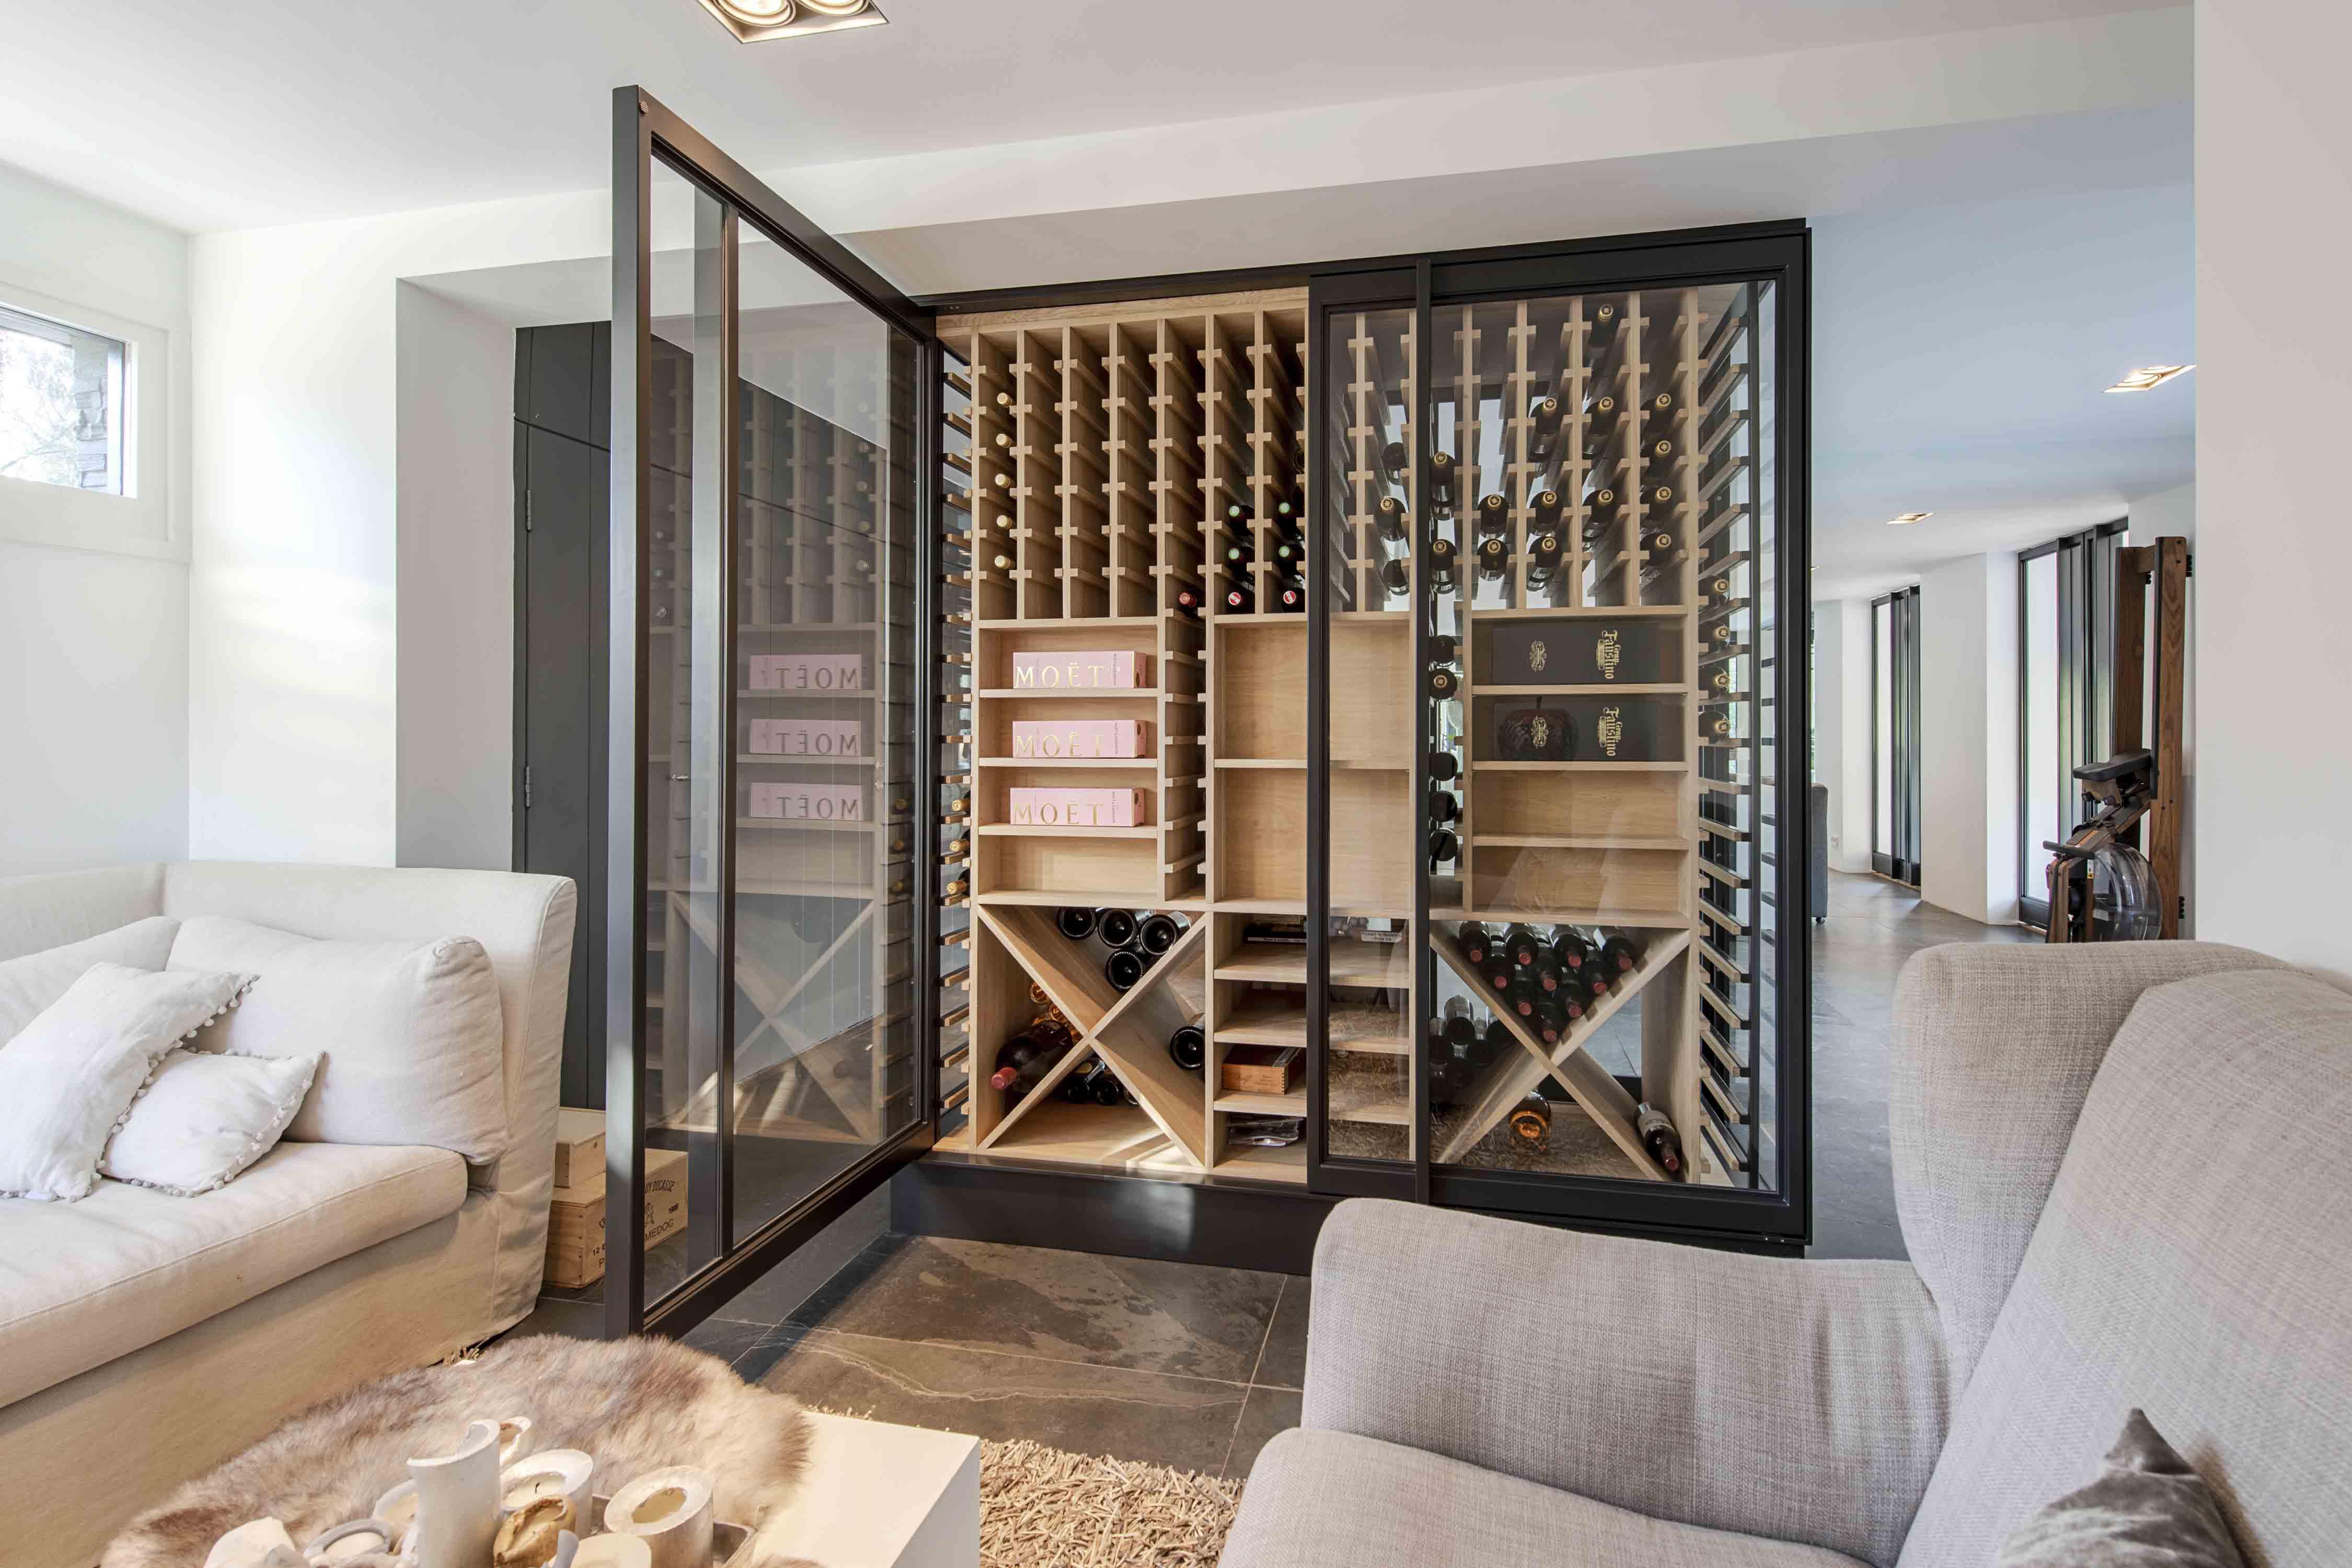 335.-Wine-cabinet-by-Pjokke-Dutch-Design16.jpg